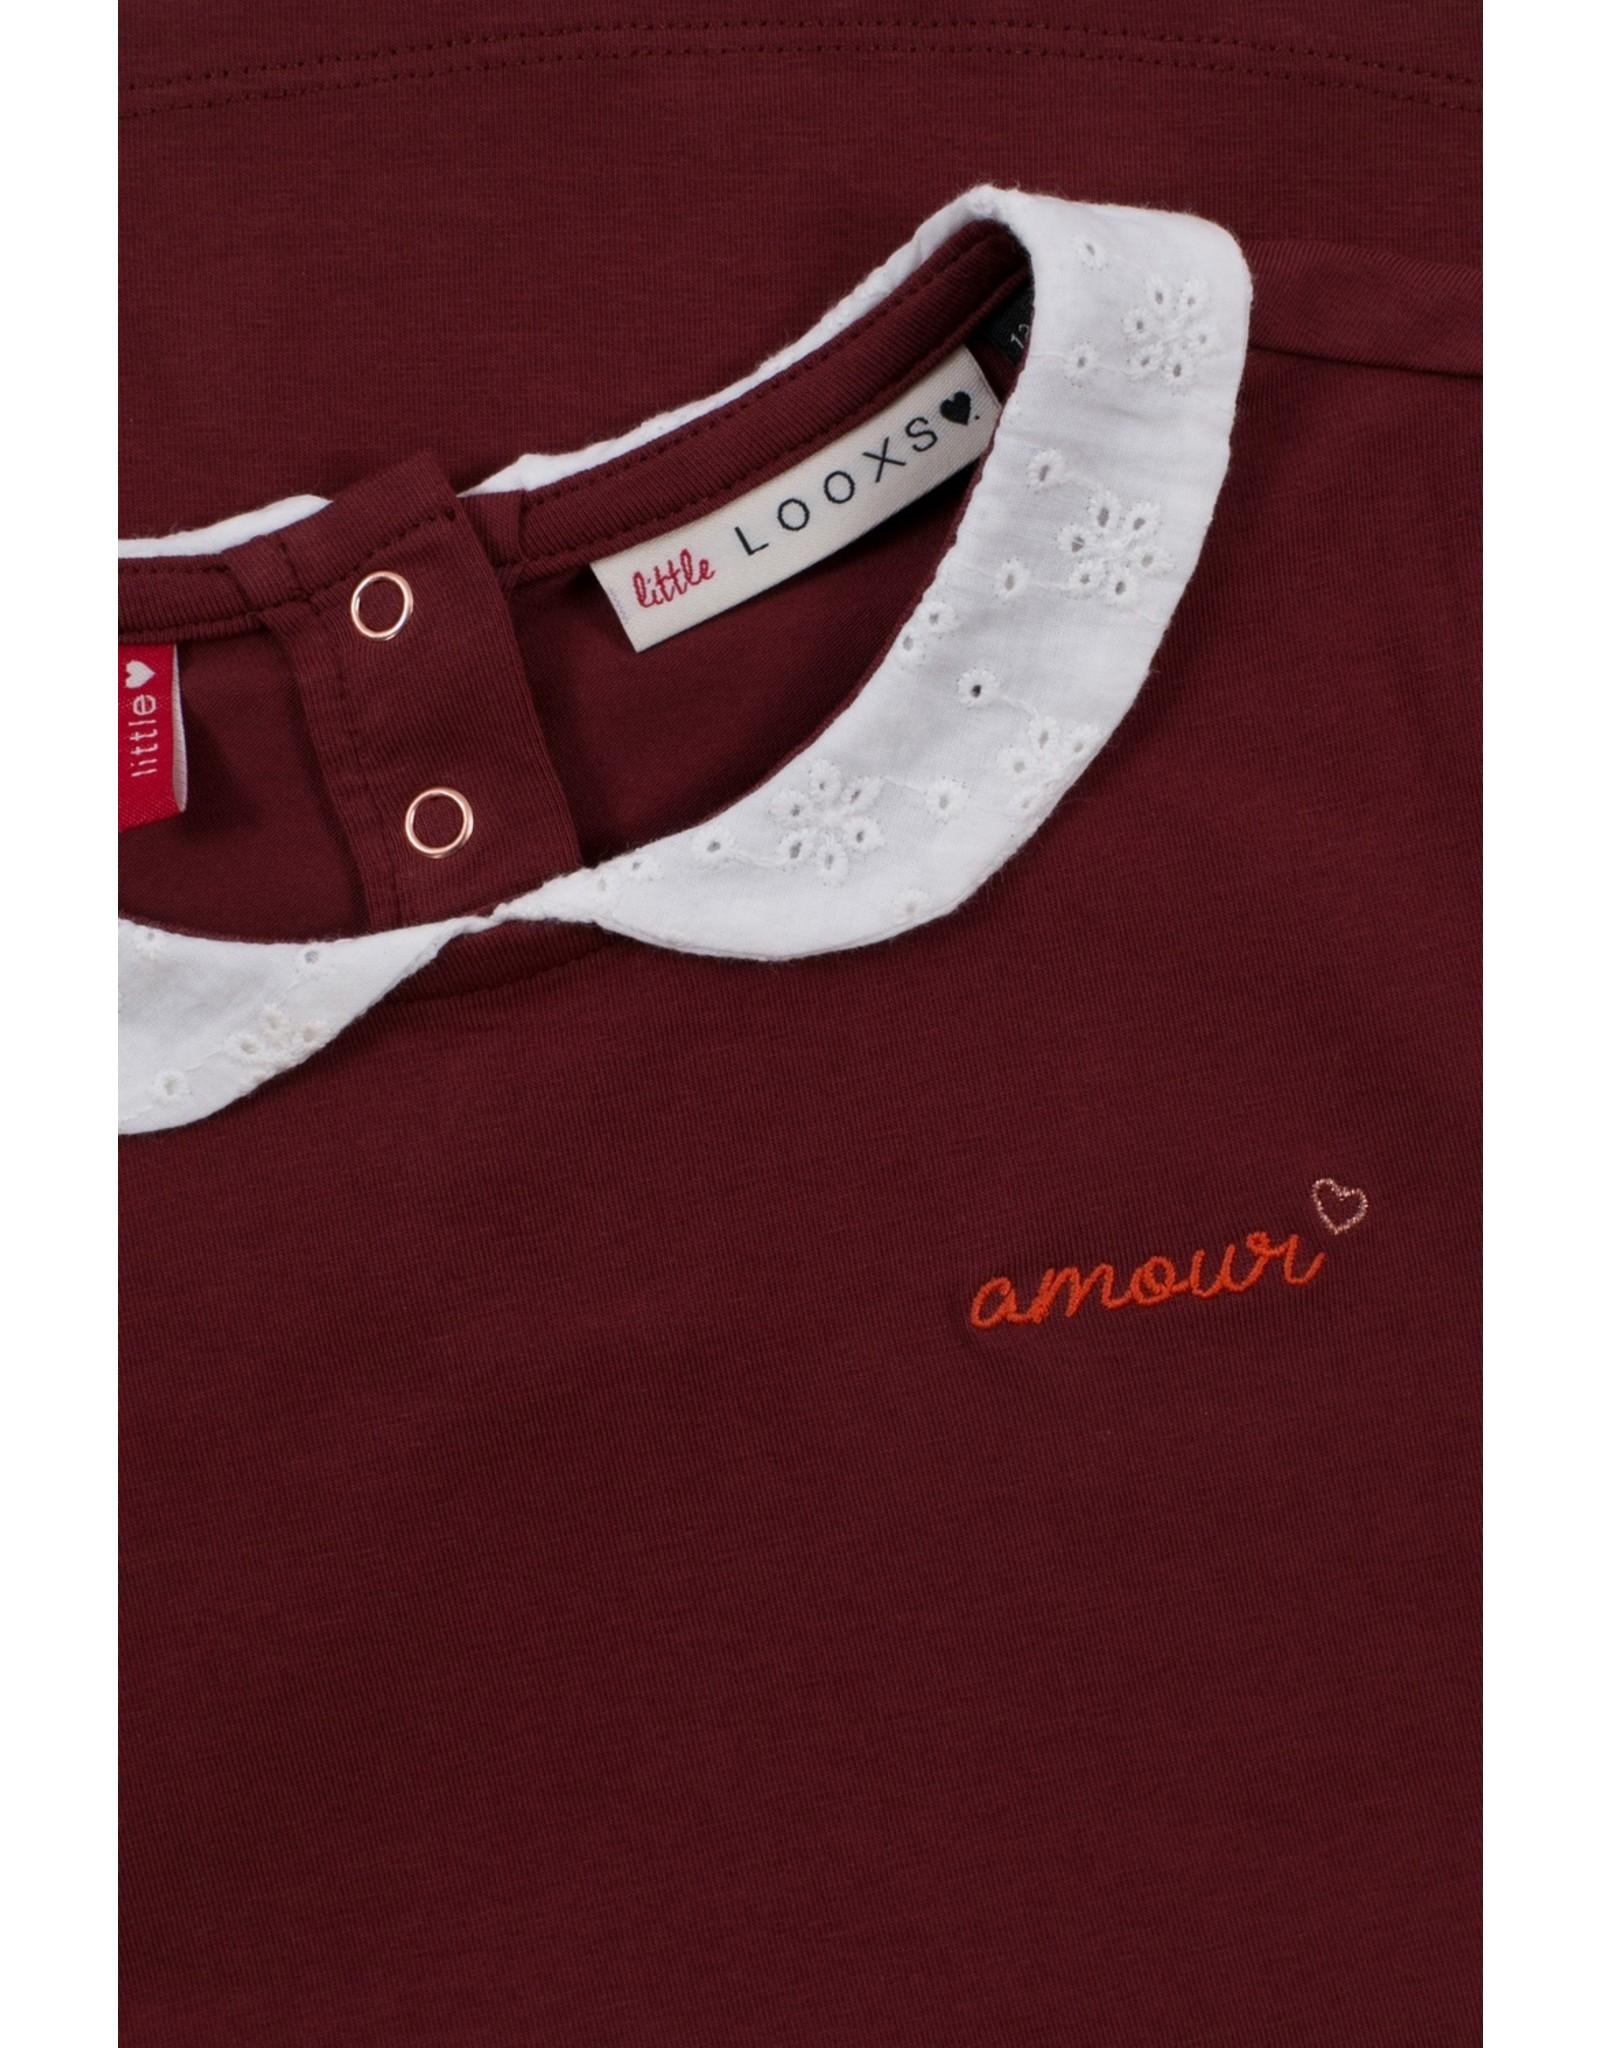 Looxs Little Little collar t-shirt l.wine maat 110